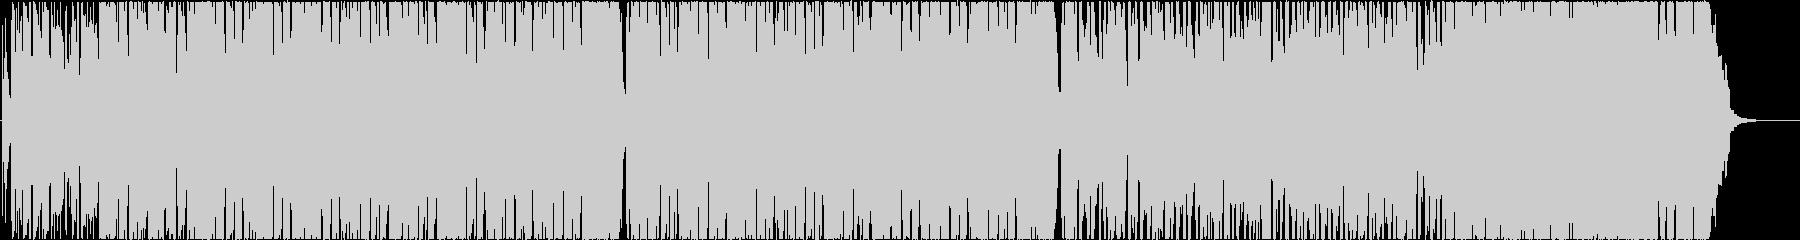 ギターメインの怪しげなダークロックジャムの未再生の波形